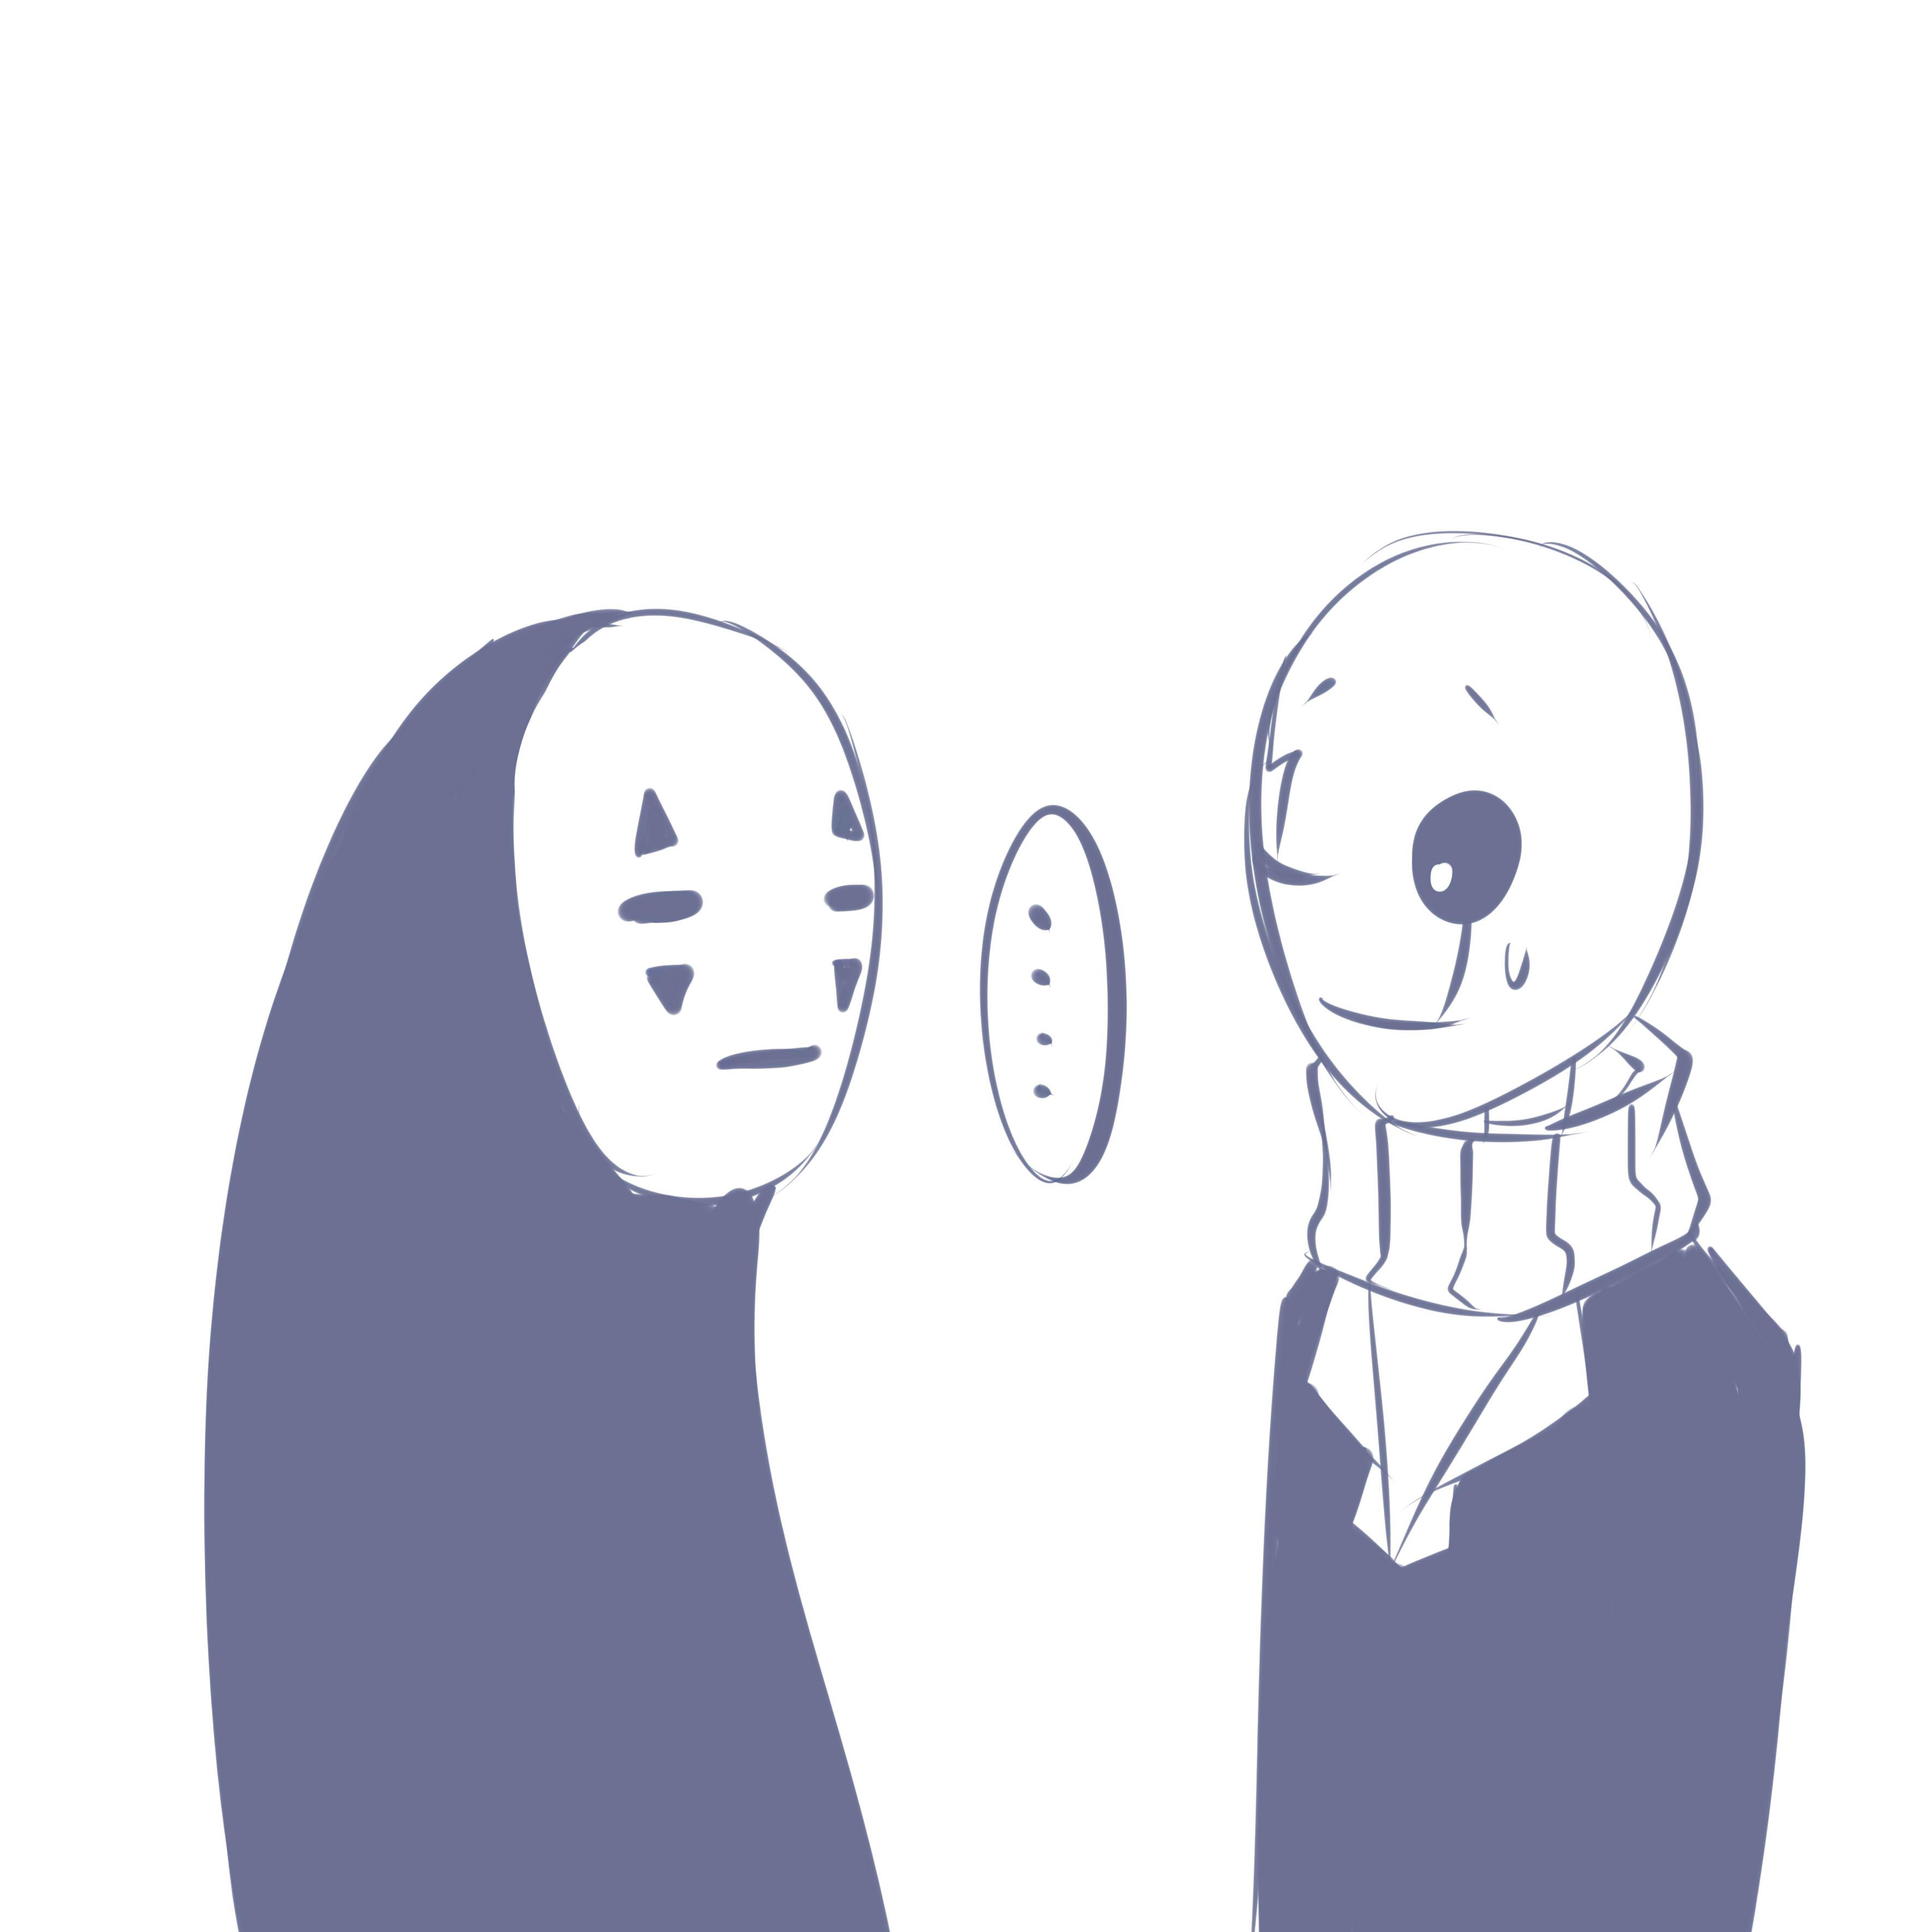 动漫 卡通 漫画 头像 3543_3543